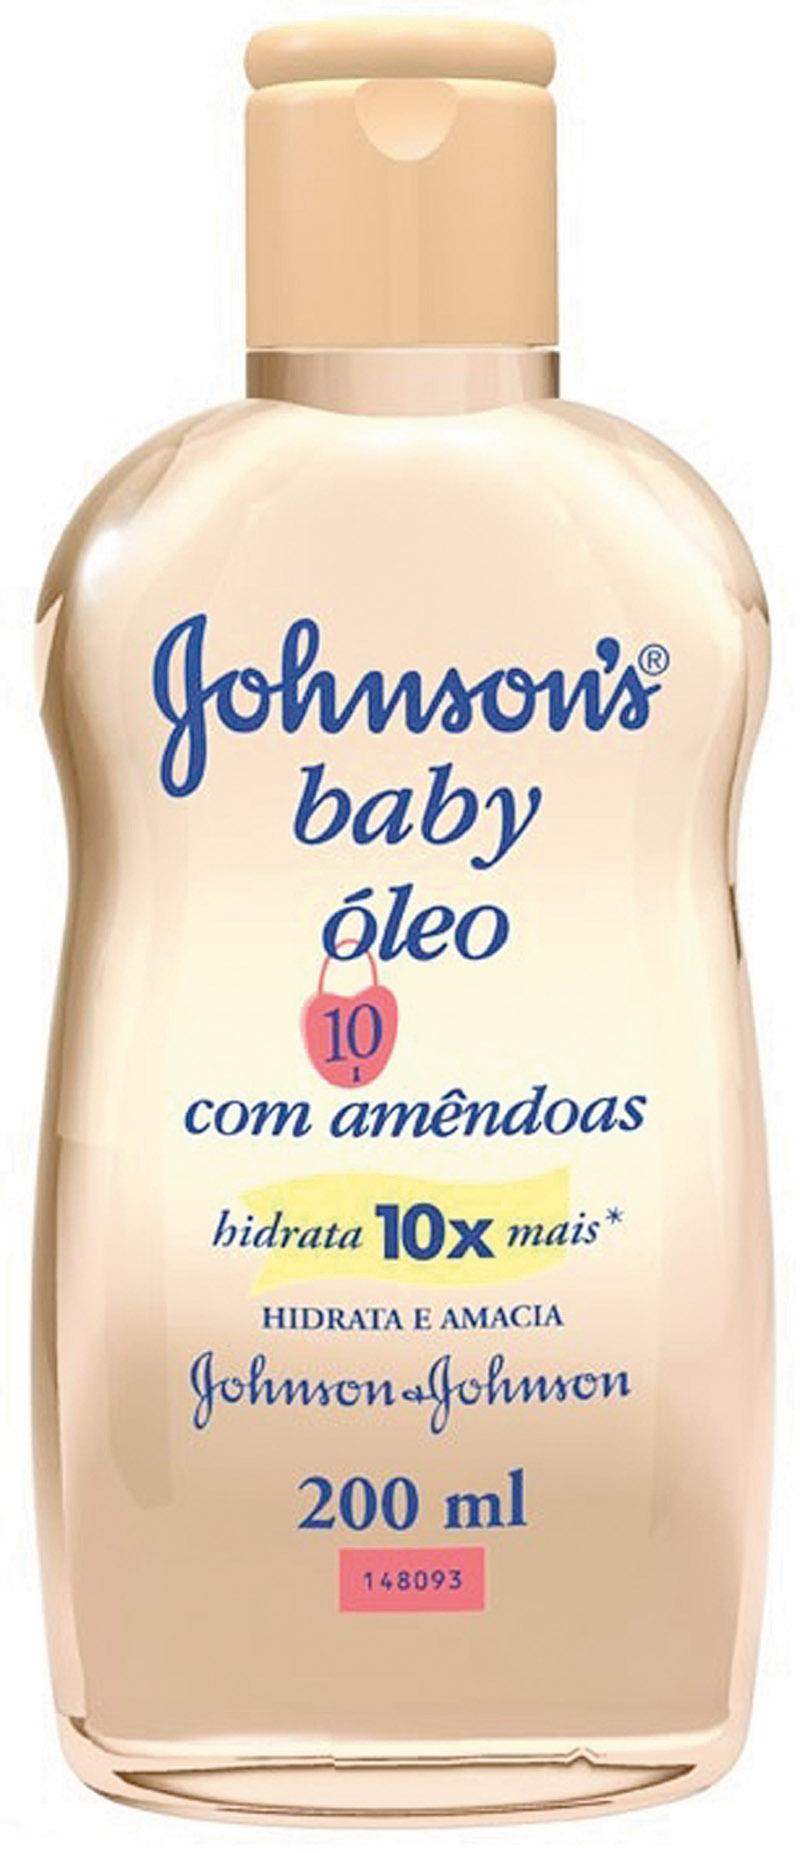 """Prático - """"No banho, eu uso o Óleo Johnson's com amêndoas. Como tenho preguiça de passar hidratante depois do banho, isso resolve minha vida"""""""